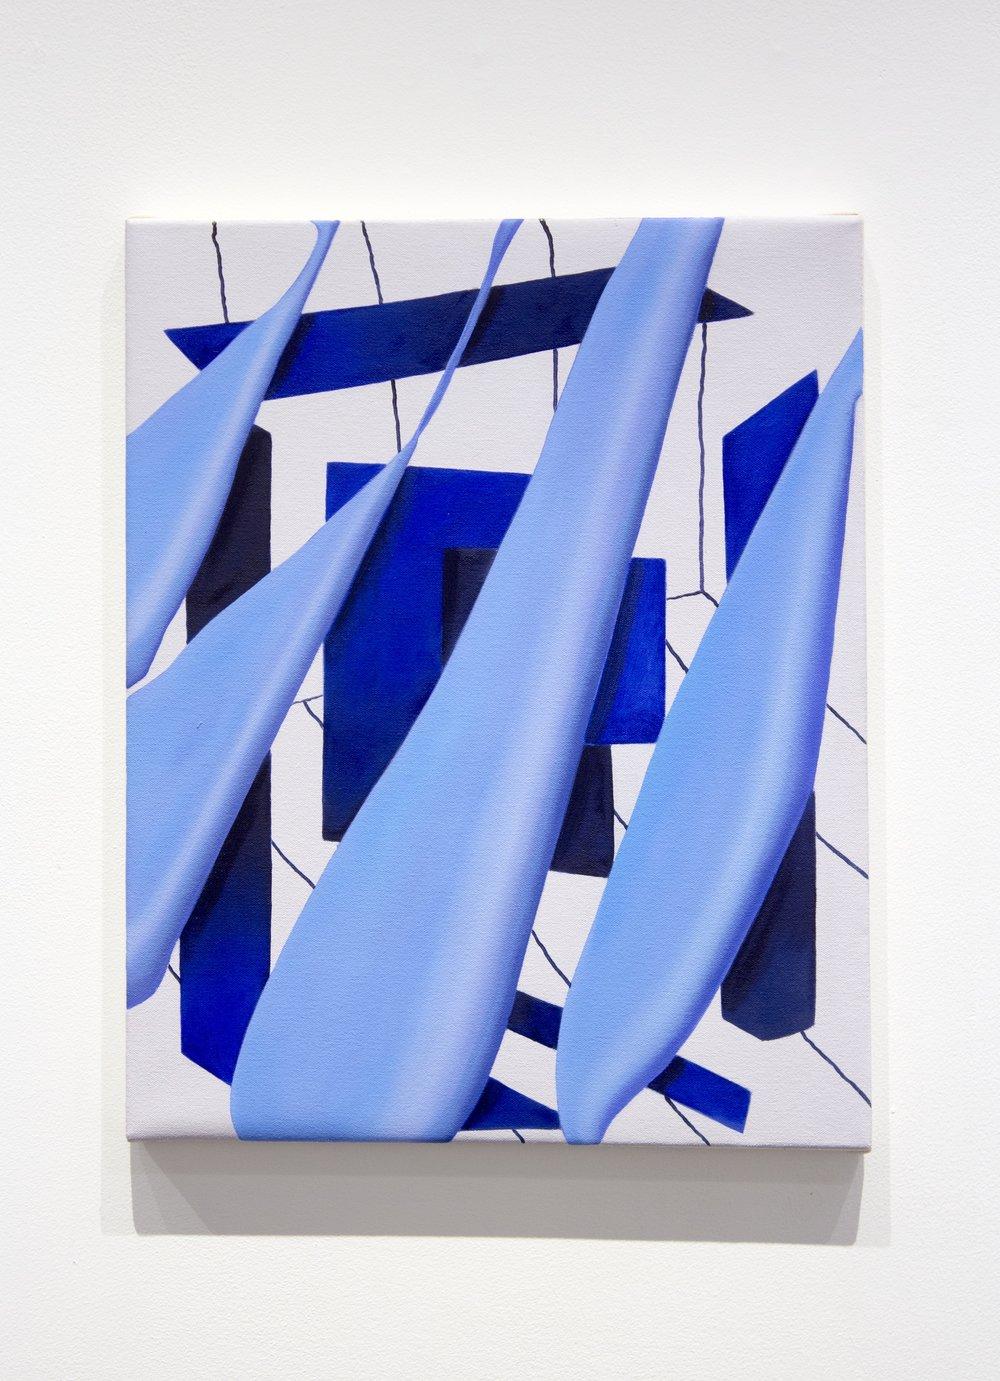 """Veil. Oil on canvas. 16 x 20"""". 2018."""